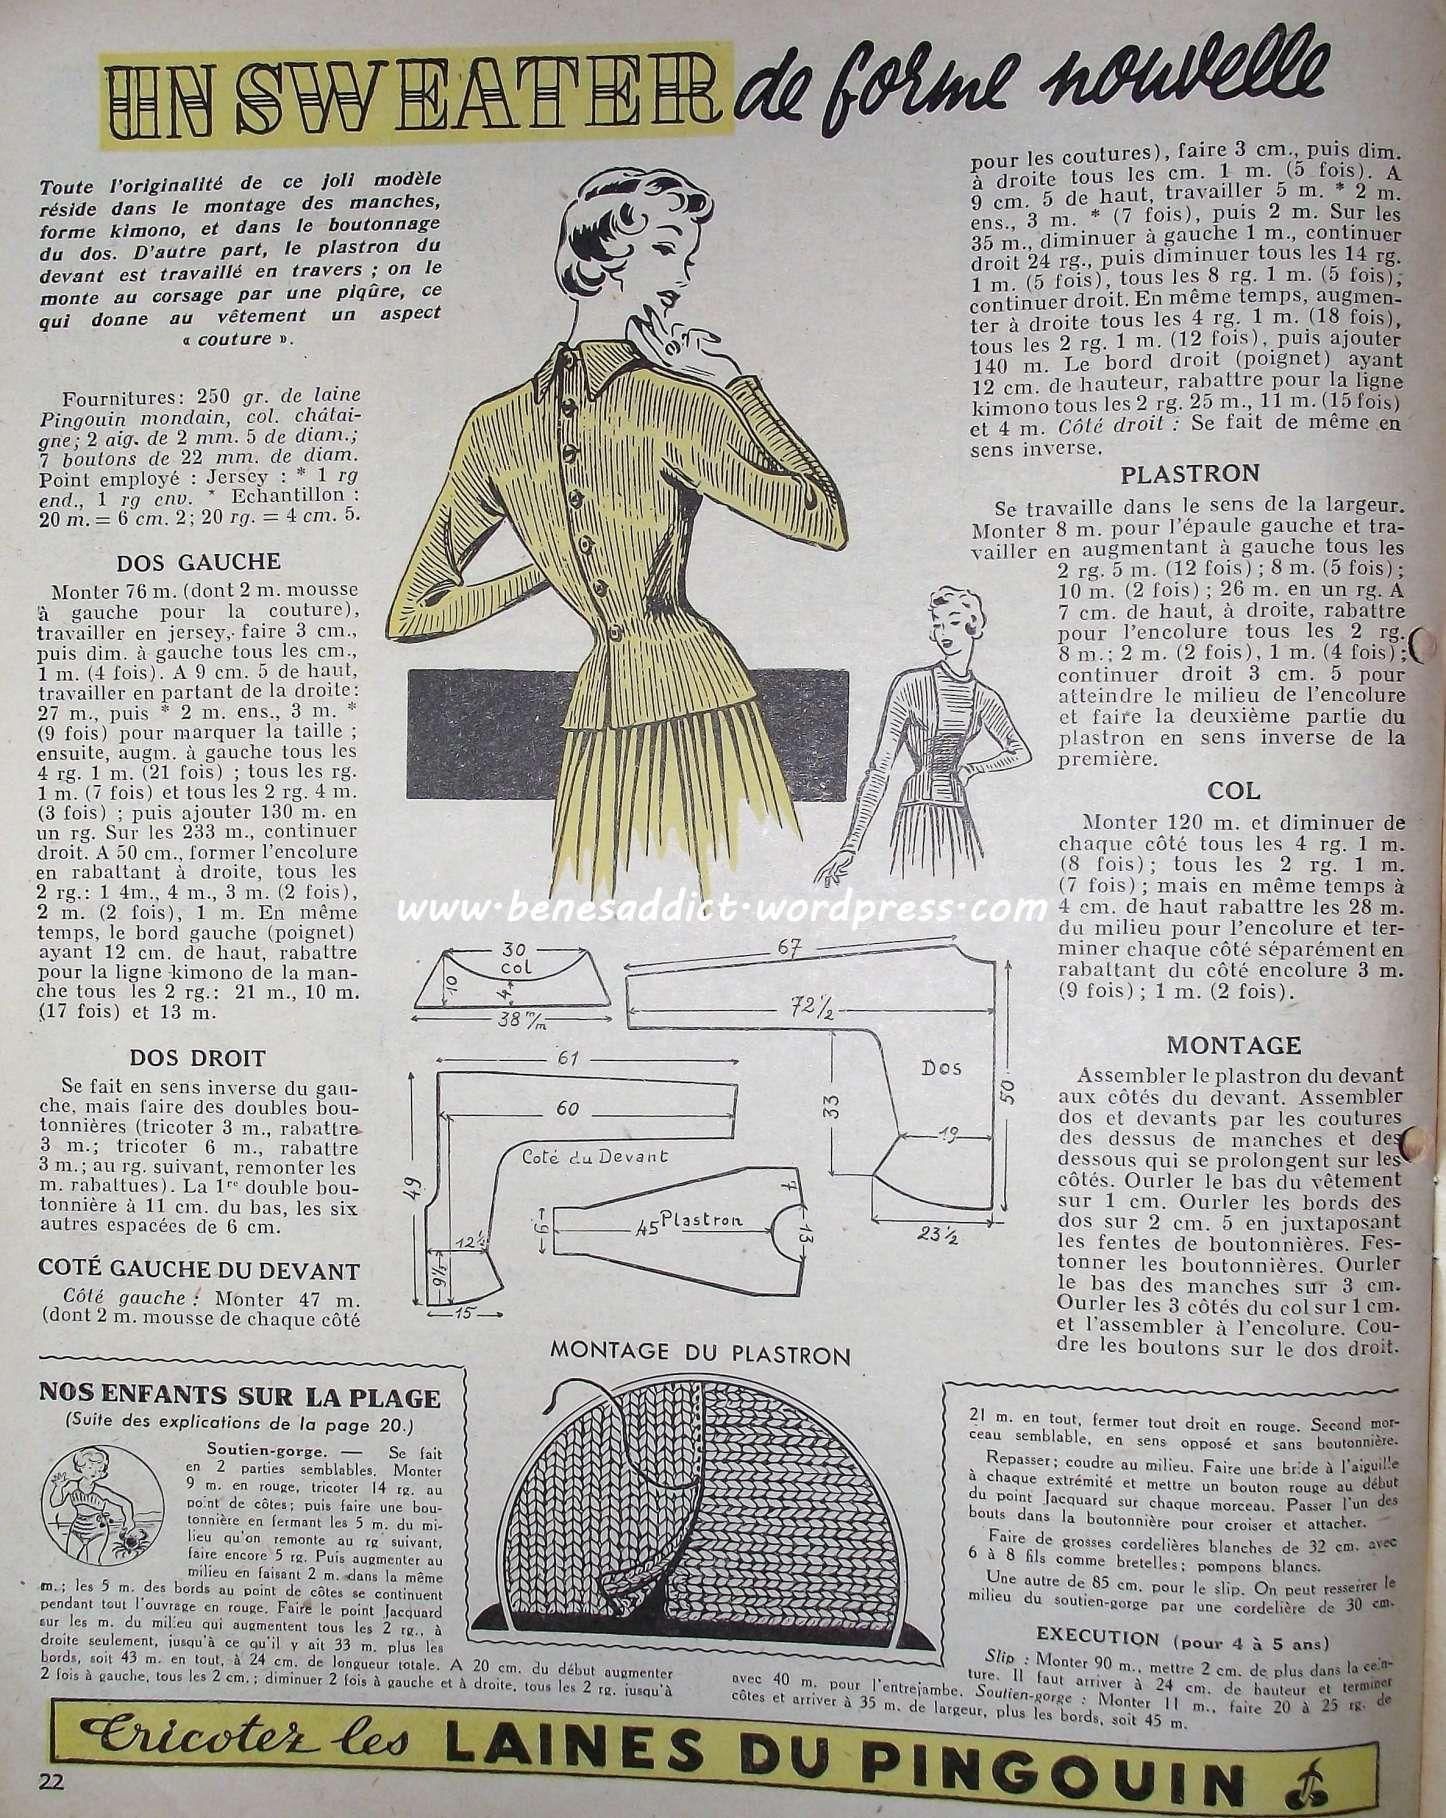 Revue Vintage « Mon ouvrage » Juillet 1950 en intégralité, avec ...